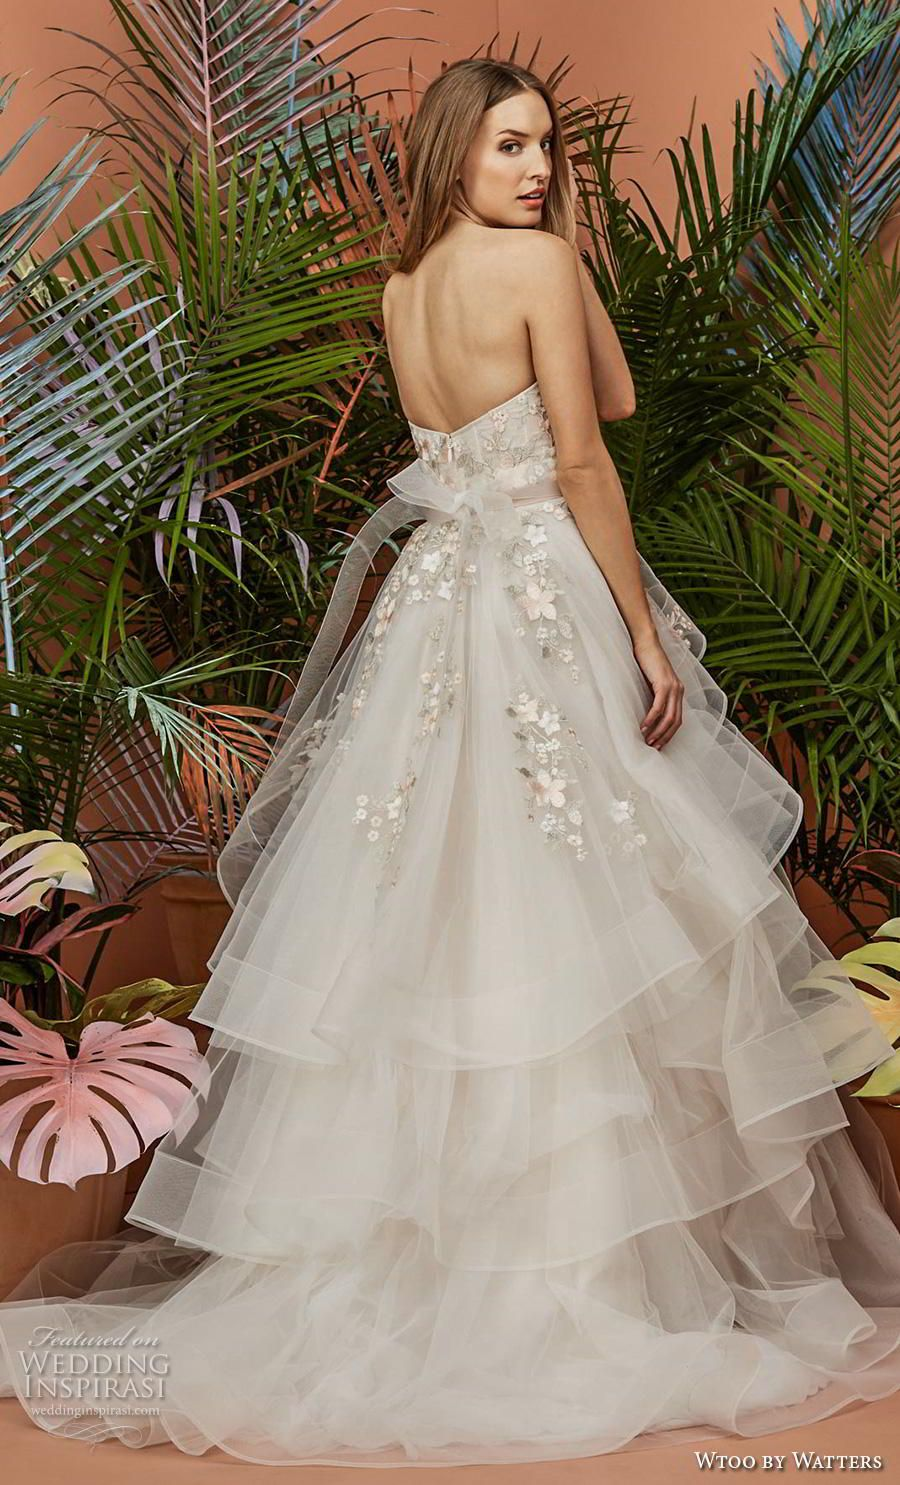 Wtoo by watters fall wedding dresses u ucat first sightud bridal